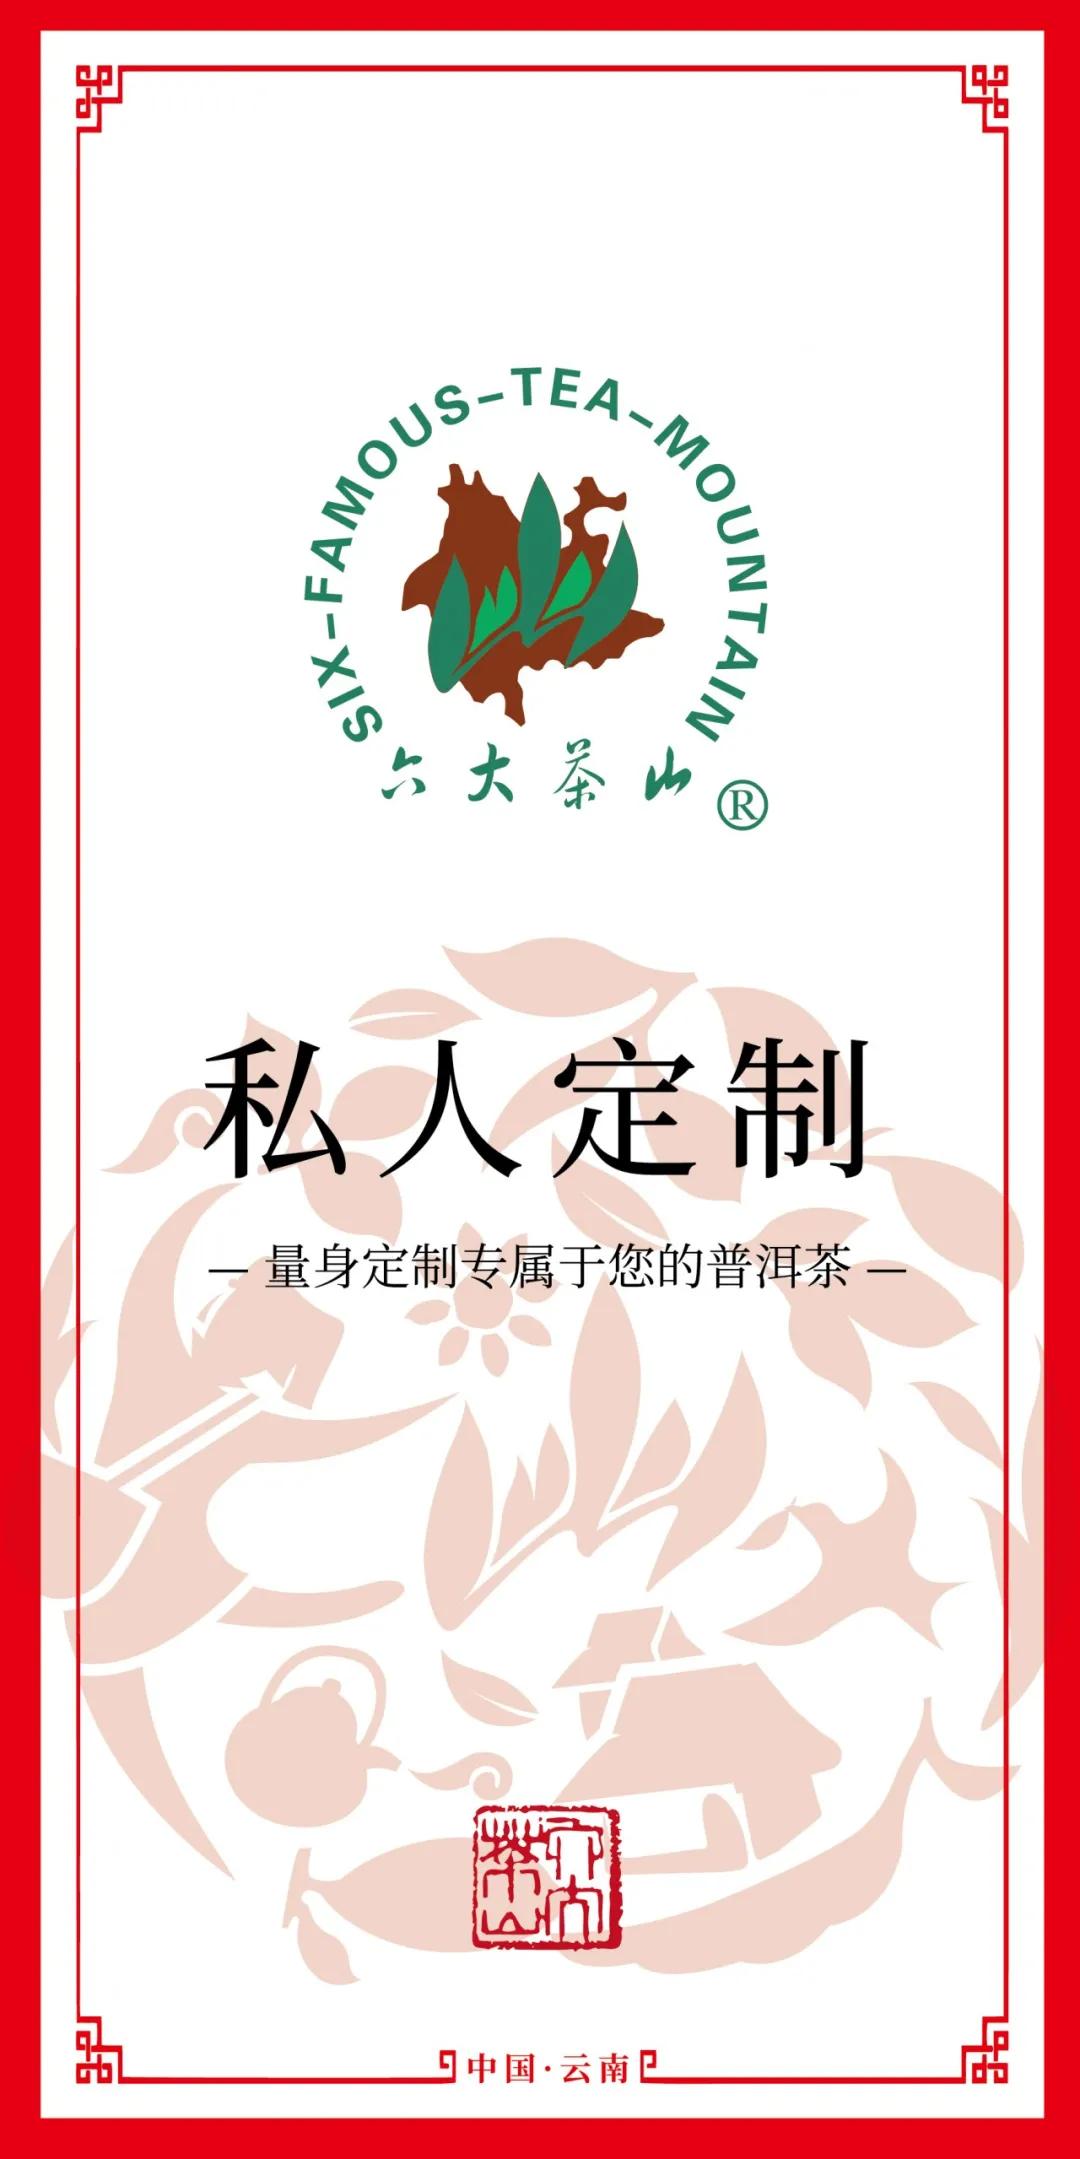 六大茶山·专属私人定制